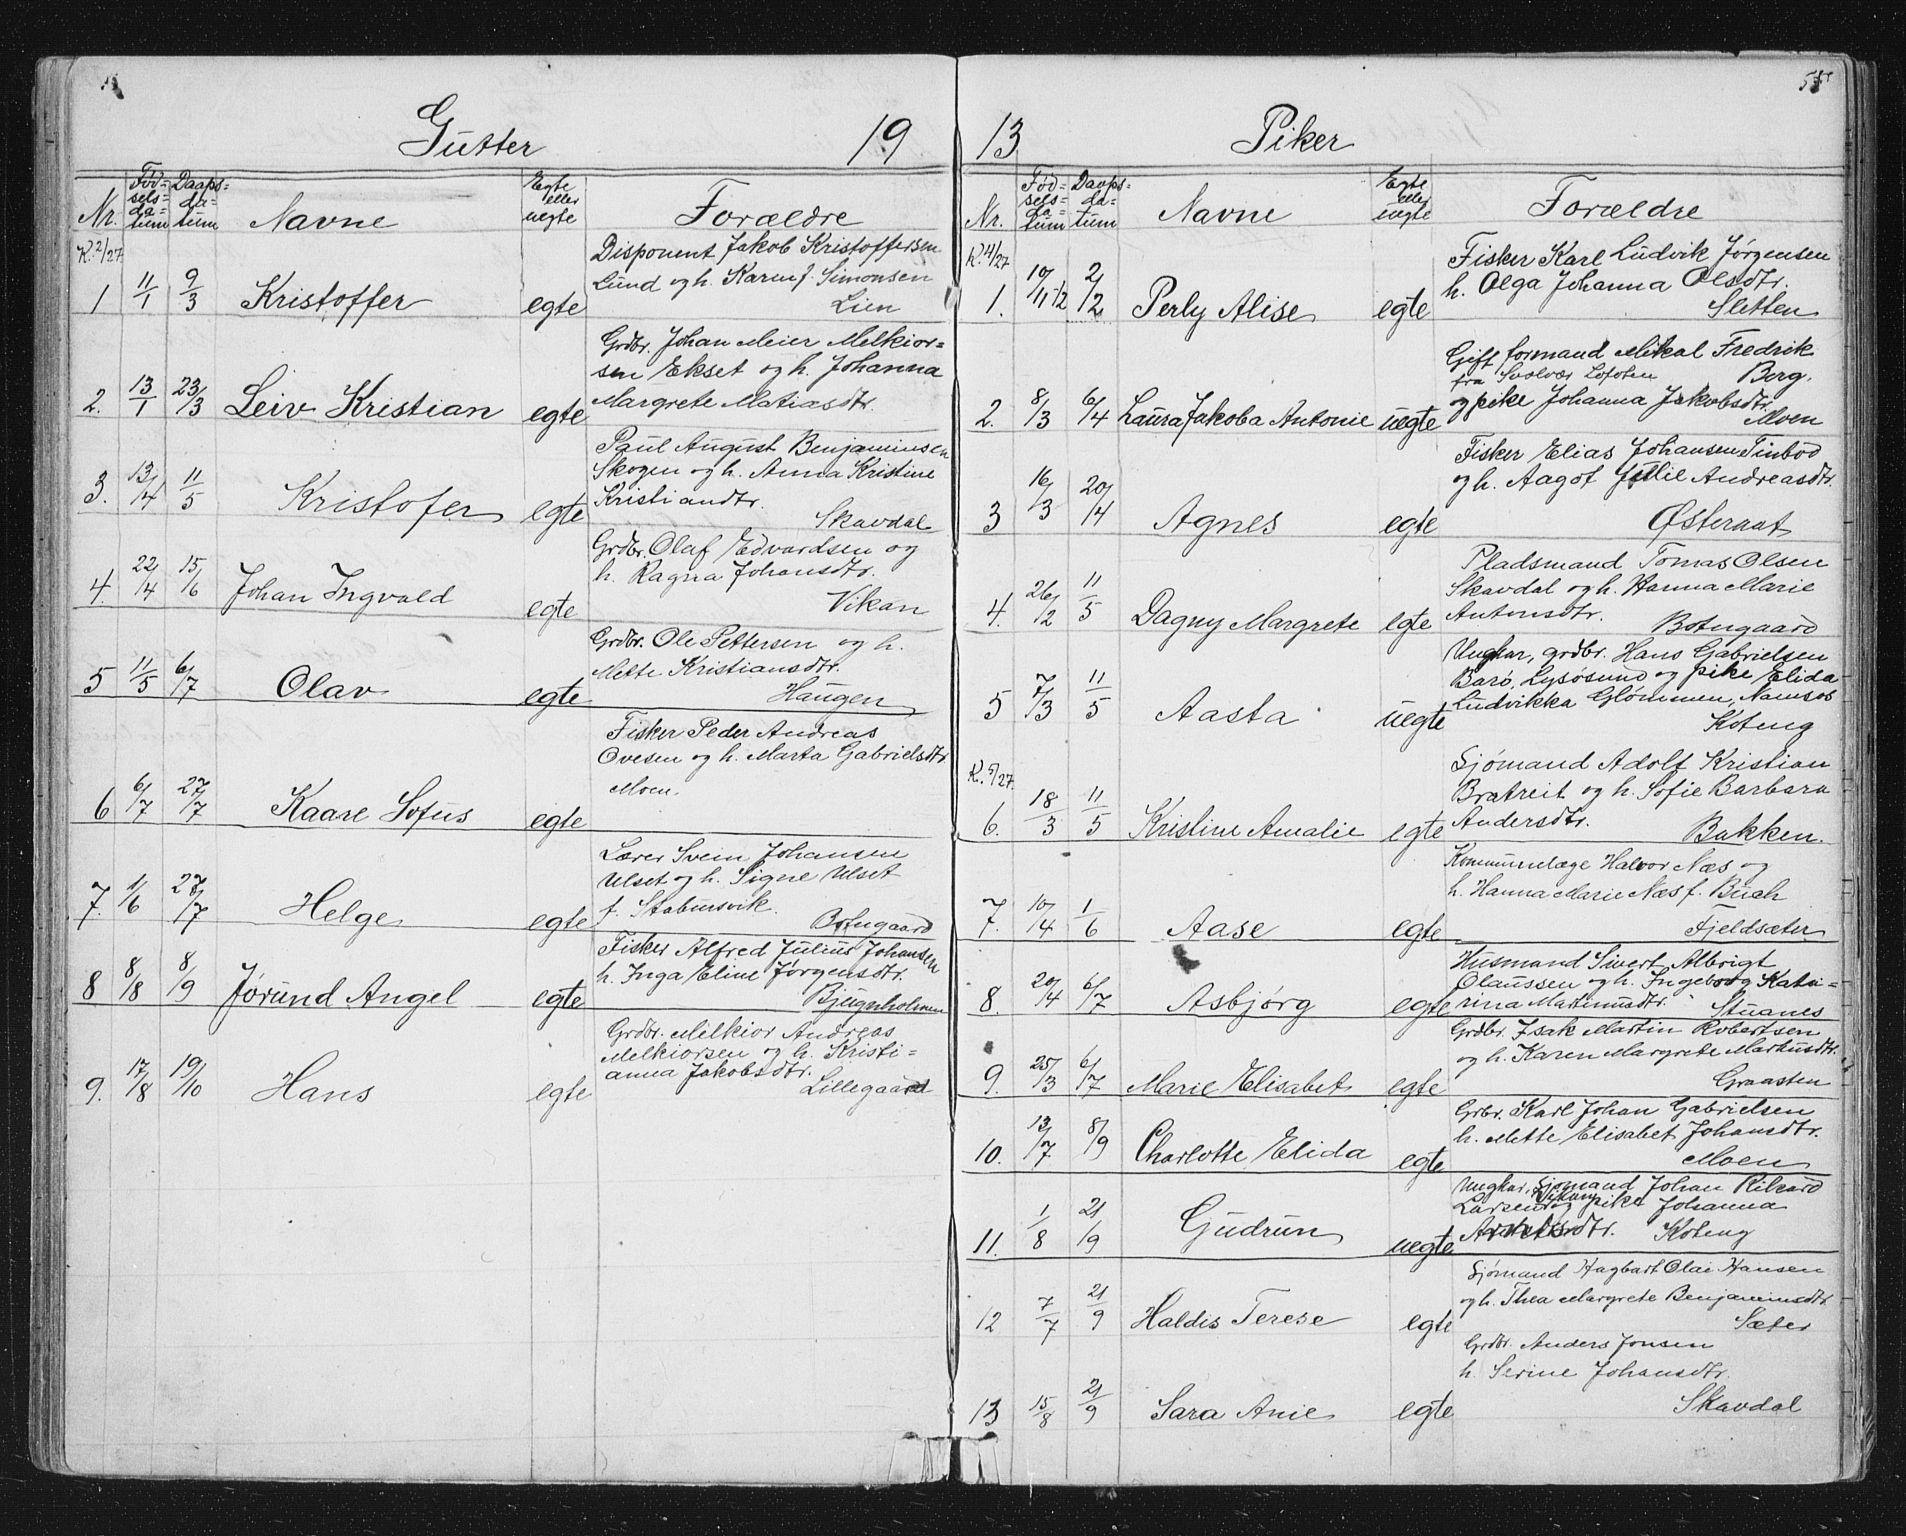 SAT, Ministerialprotokoller, klokkerbøker og fødselsregistre - Sør-Trøndelag, 651/L0647: Klokkerbok nr. 651C01, 1866-1914, s. 55